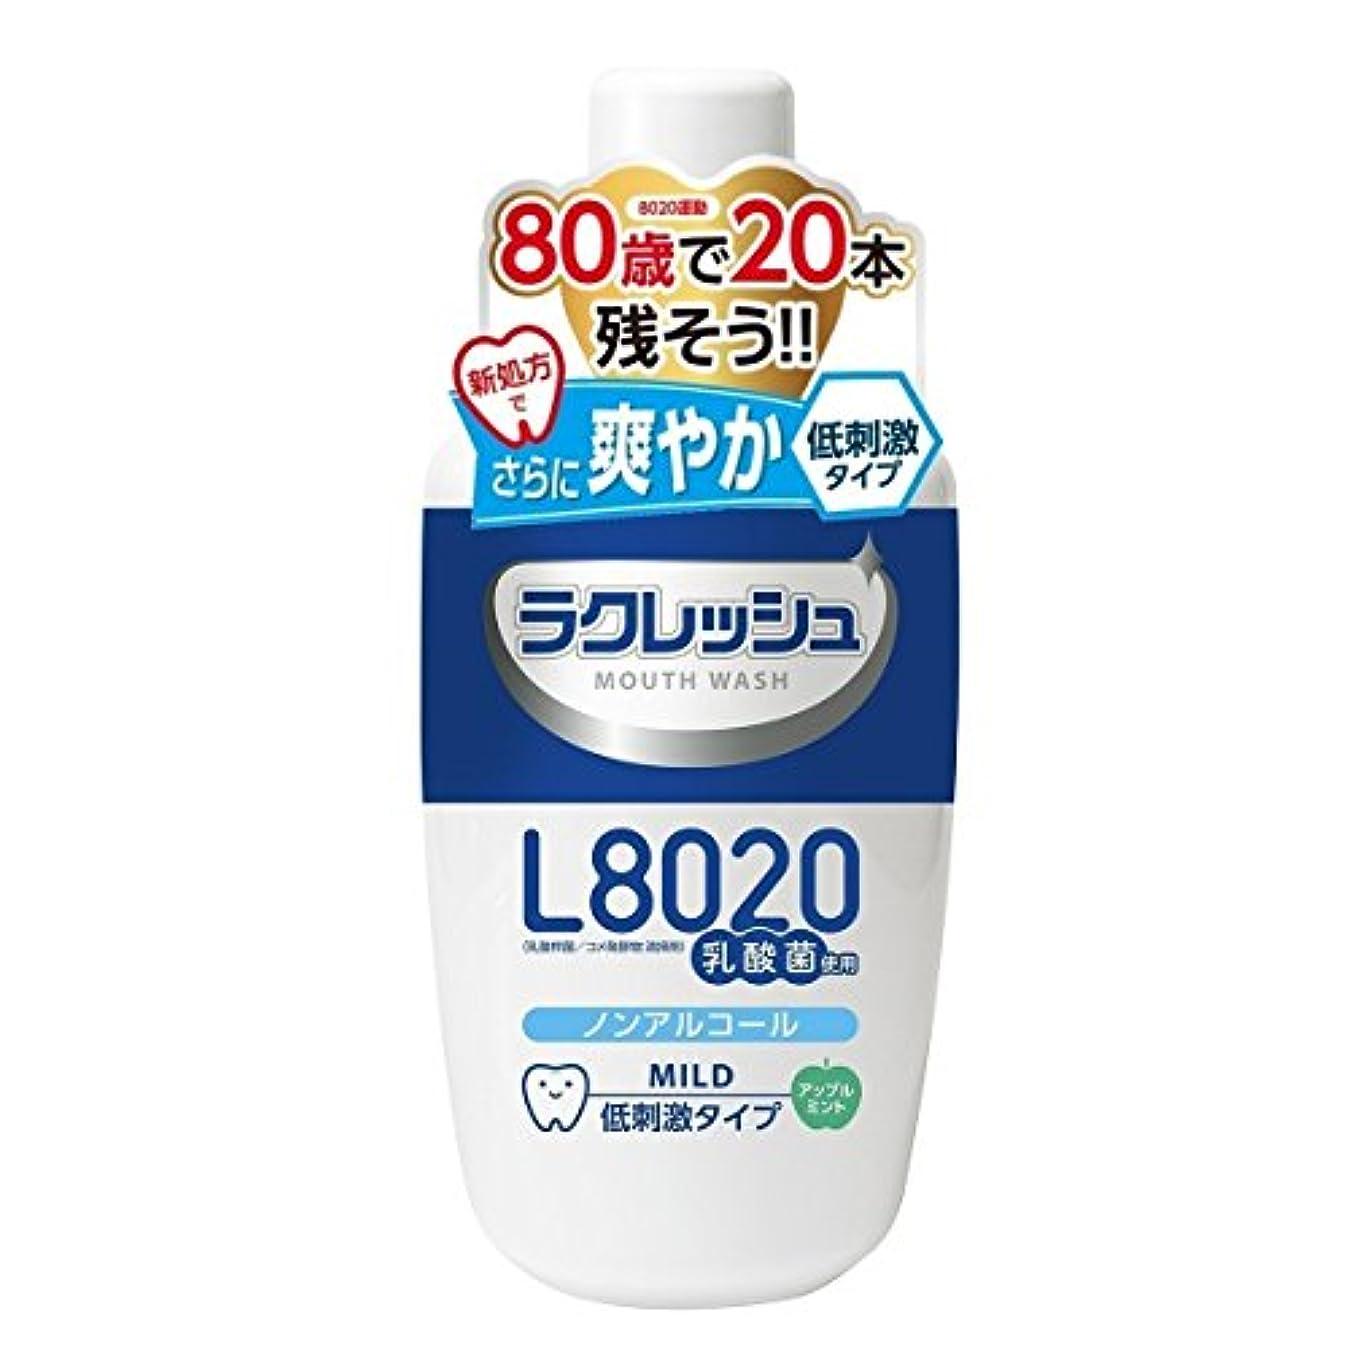 光沢ラリーシチリア○ ラクレッシュ L8020菌使用 マウスウォッシュ ノンアルコールタイプ 300mL×48個セット 2ケース分